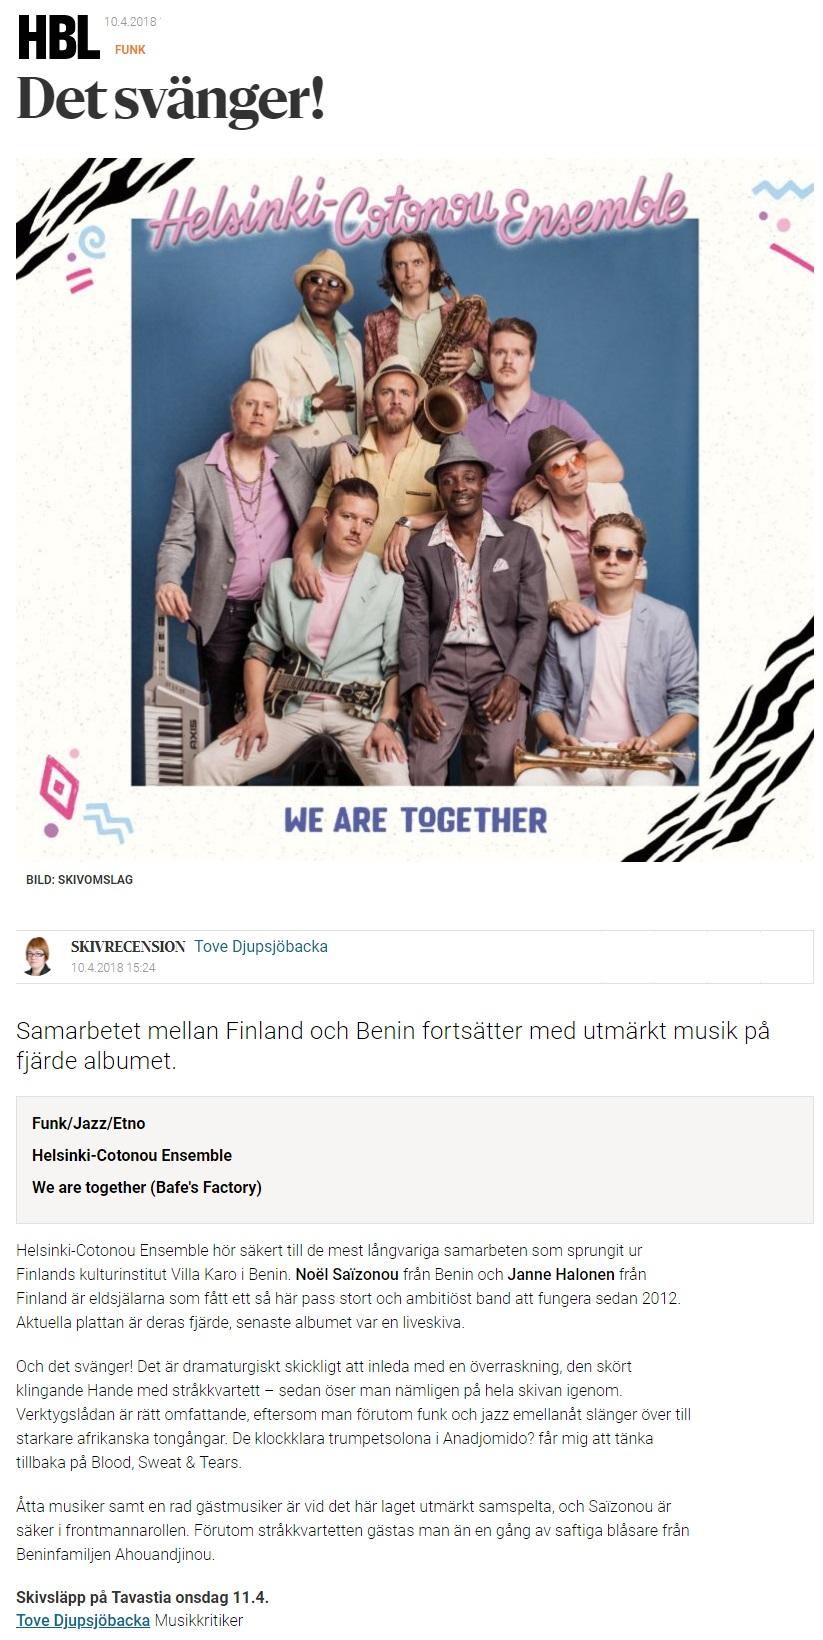 Hufvudstadsbladet (Finland), 11.4.2018